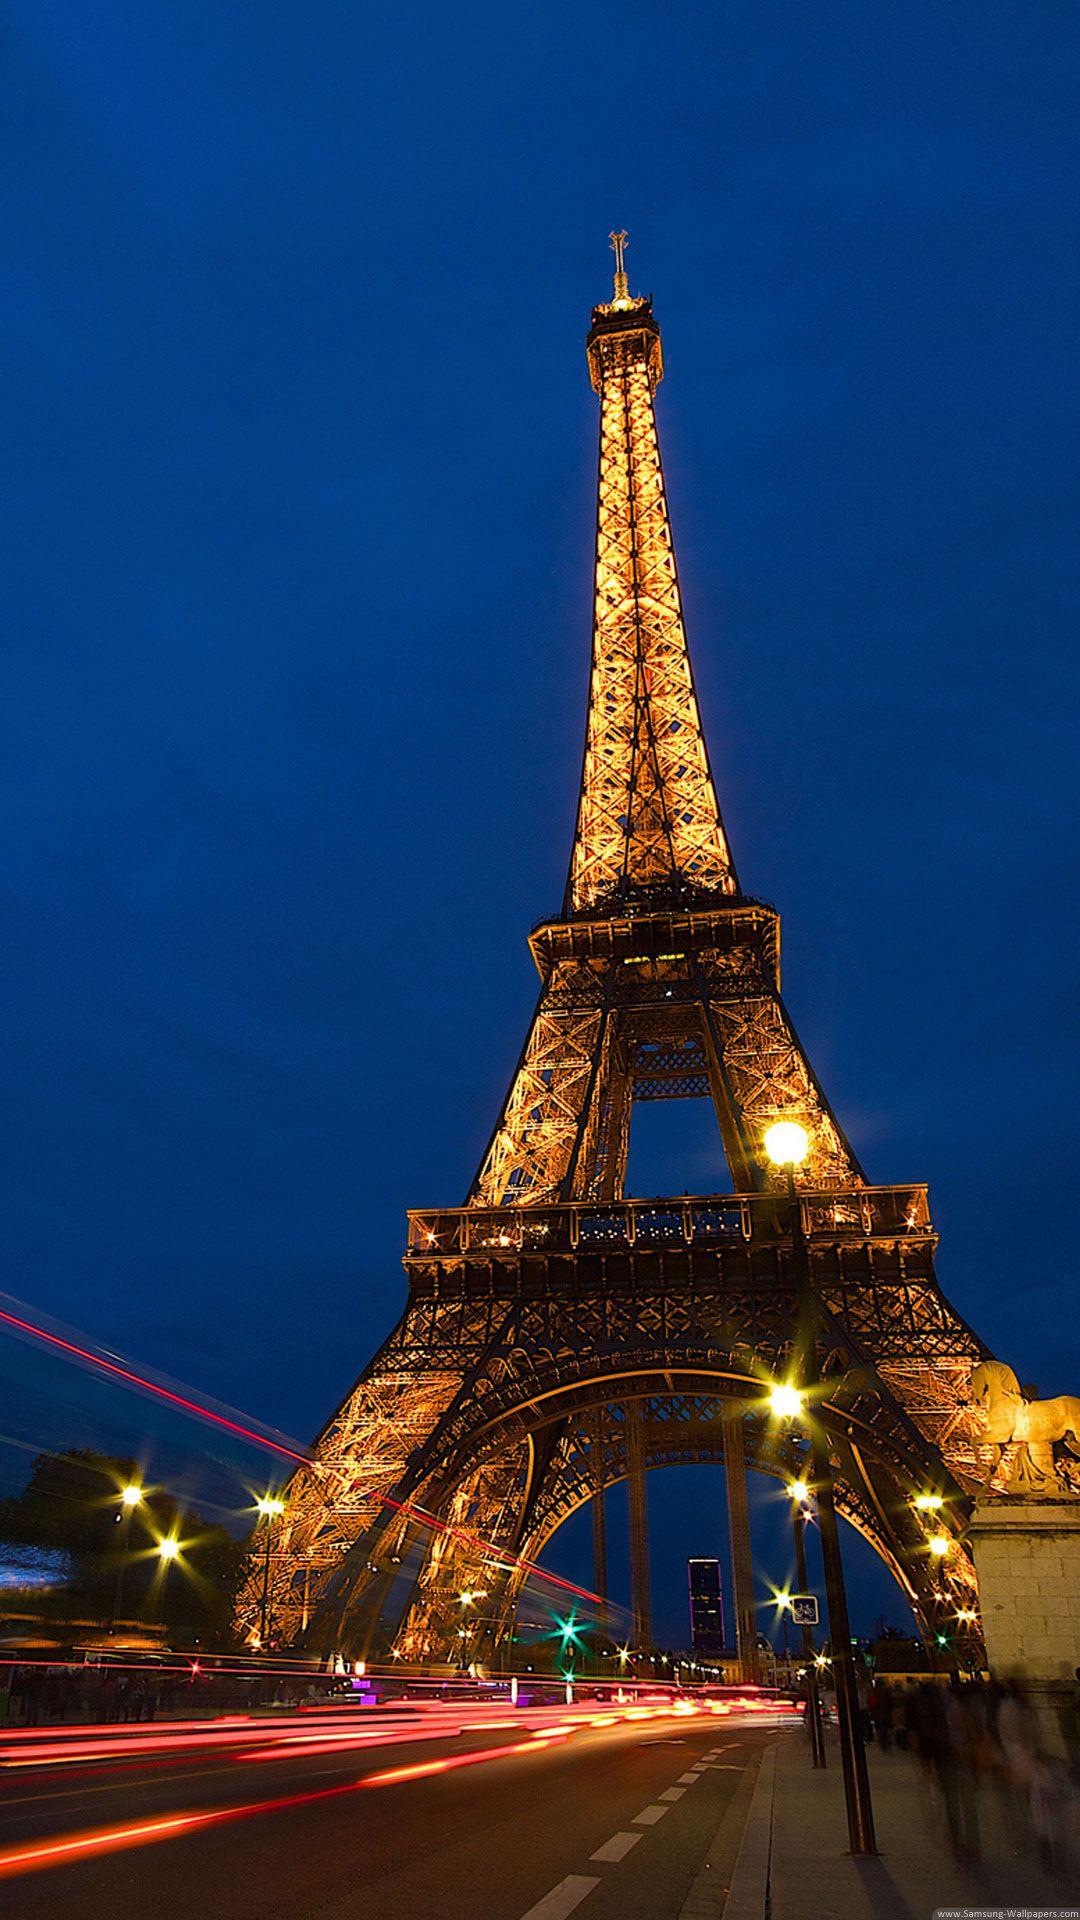 Eiffel Tower Lockscreen Night Traffic Lights iPhone 6 Plus HD Wallpaper